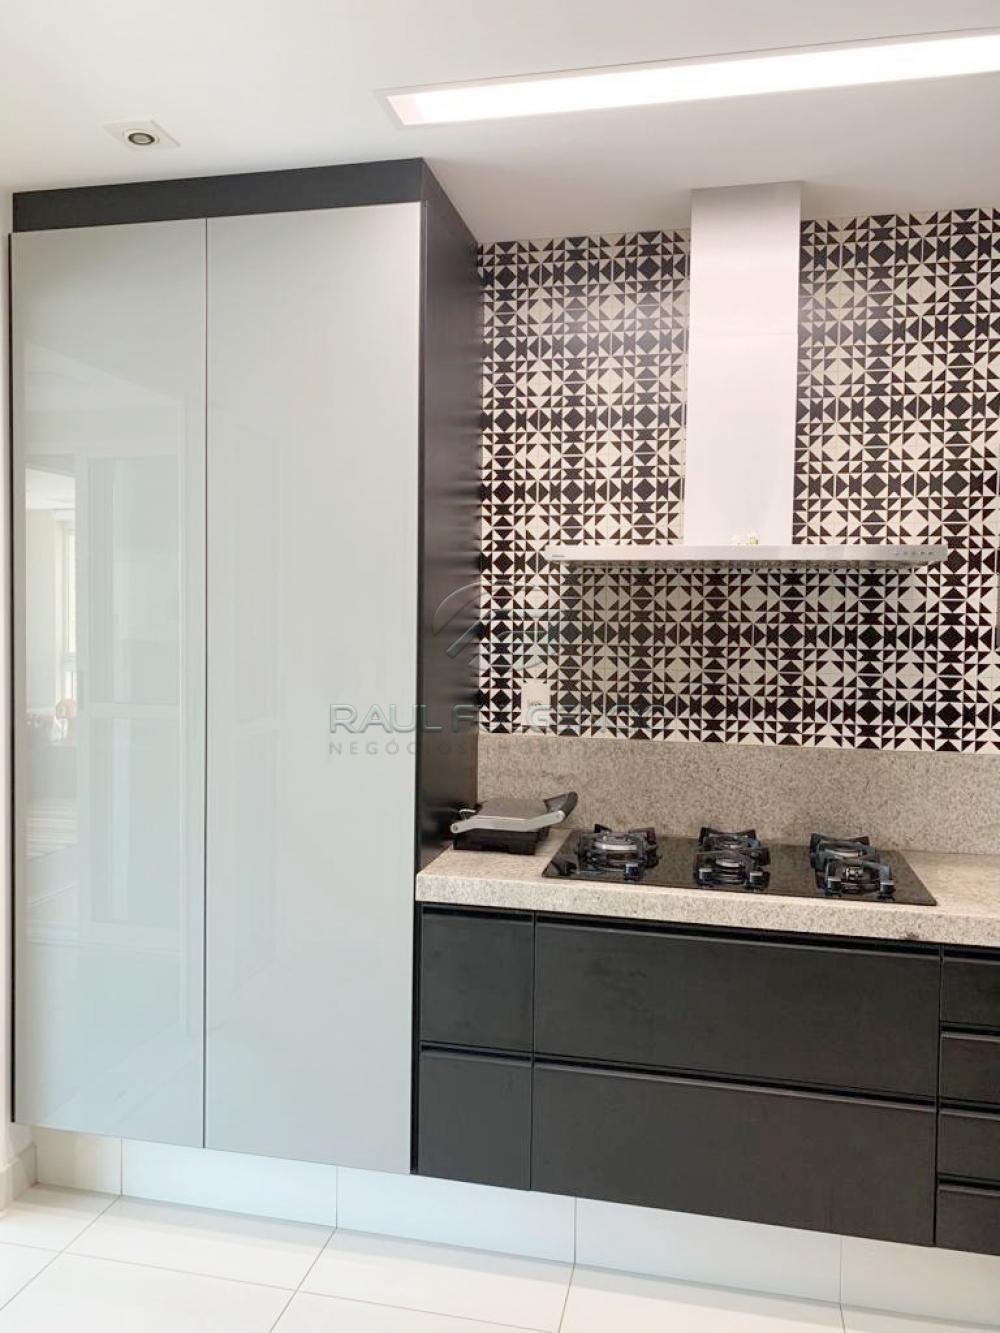 Comprar Apartamento / Padrão em Londrina apenas R$ 1.250.000,00 - Foto 19